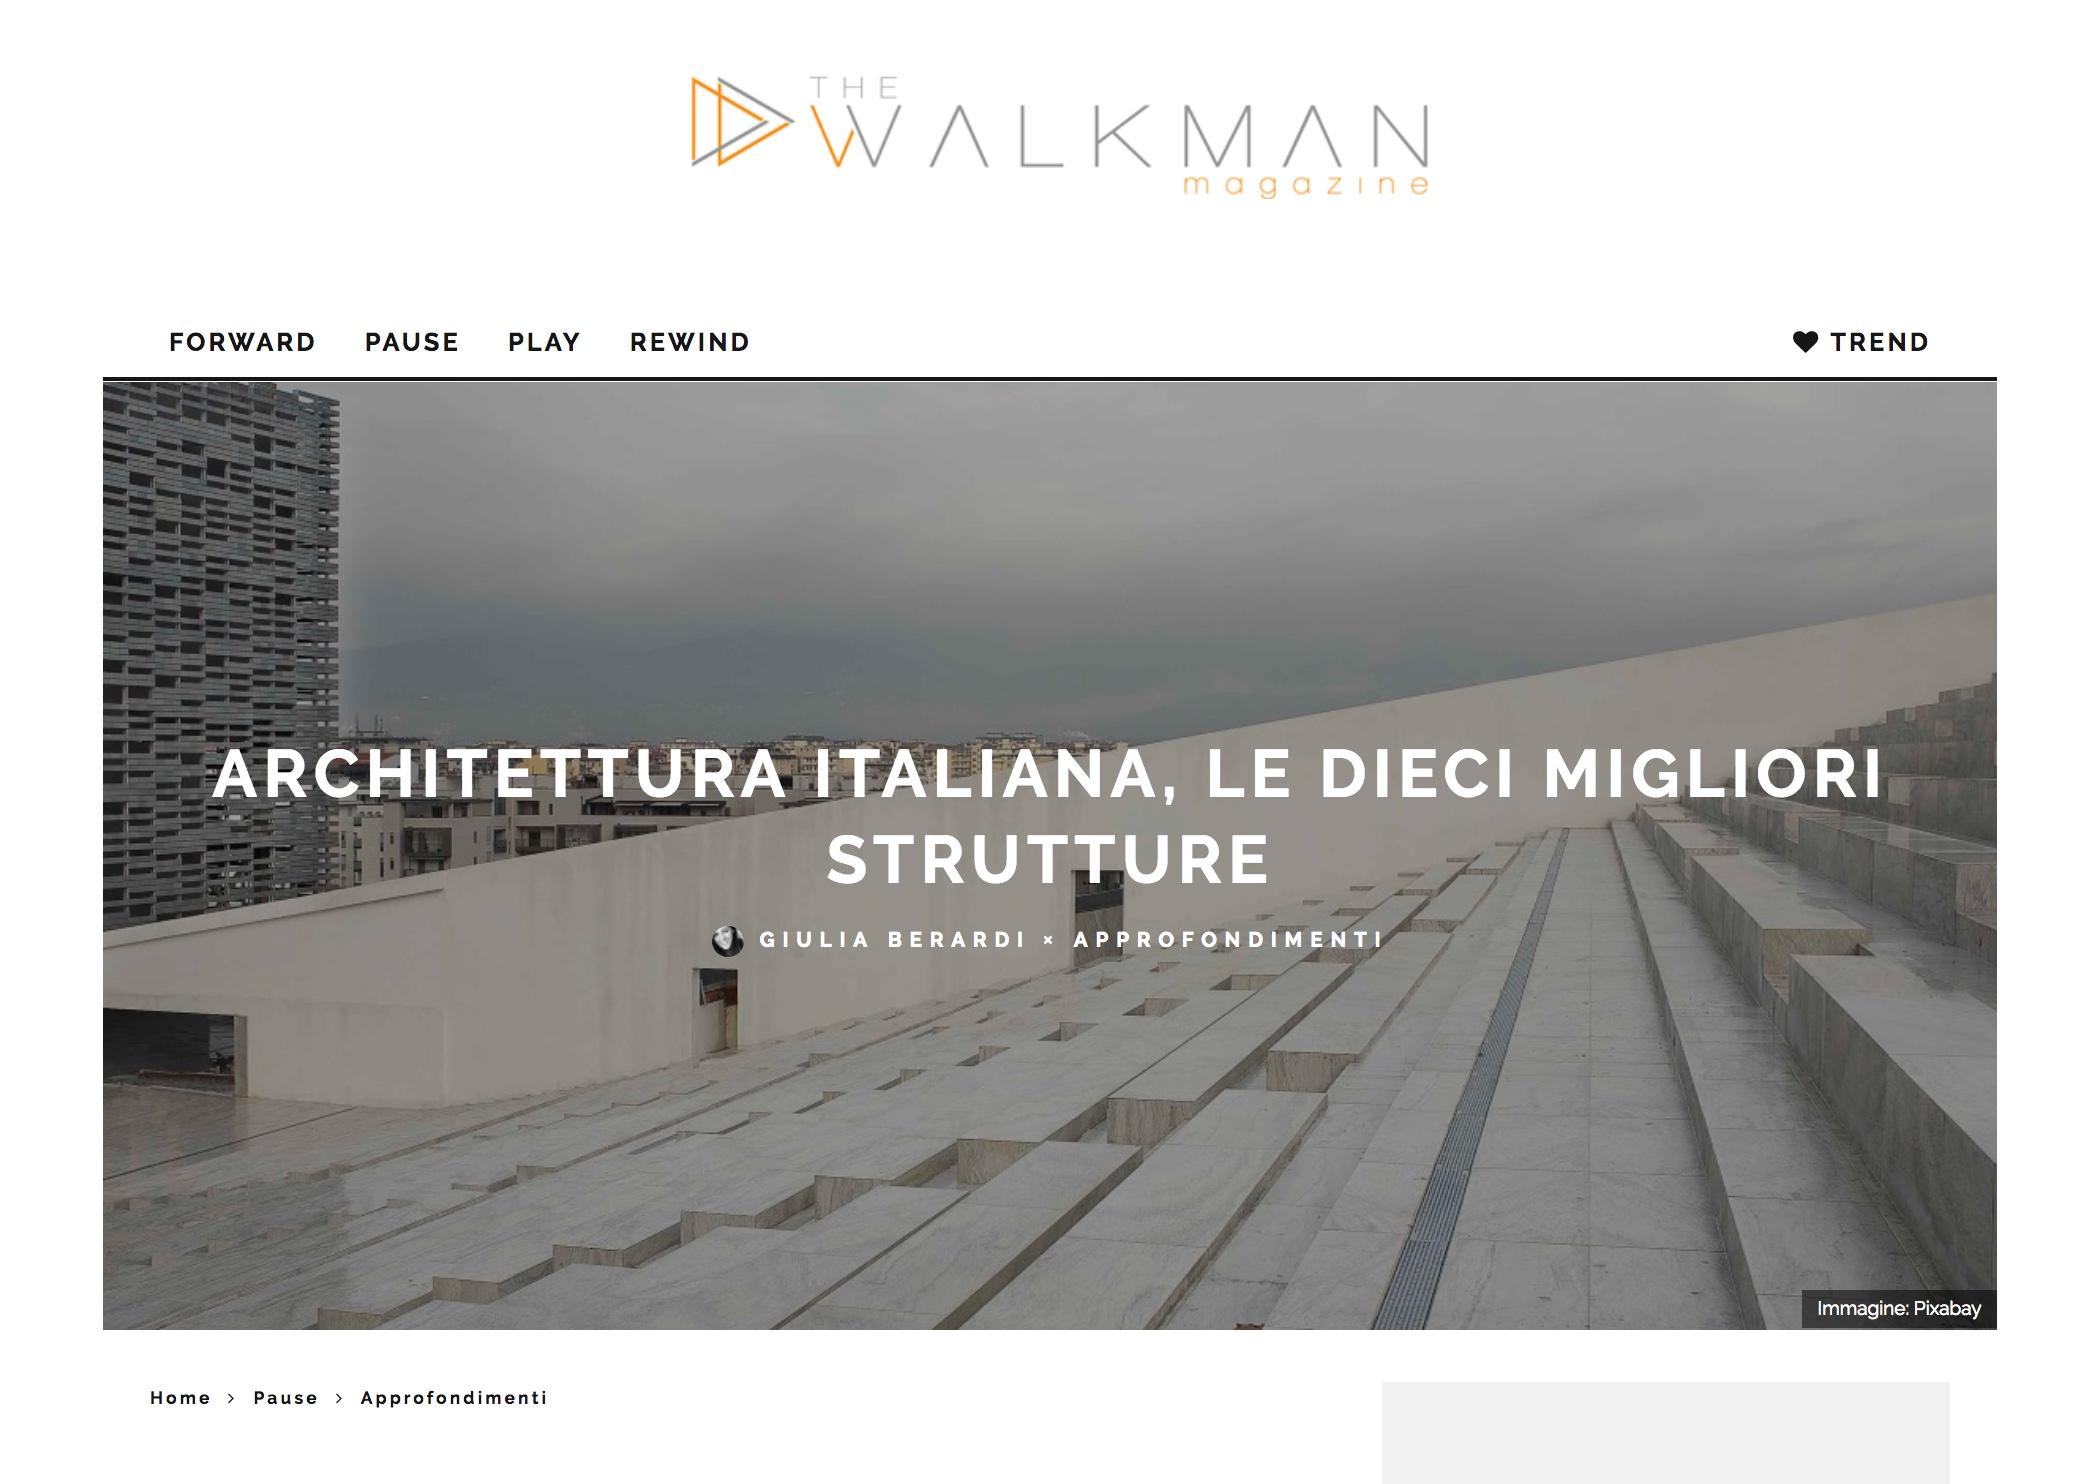 http://www.thewalkman.it/architettura-italiana-strutture-dieci/